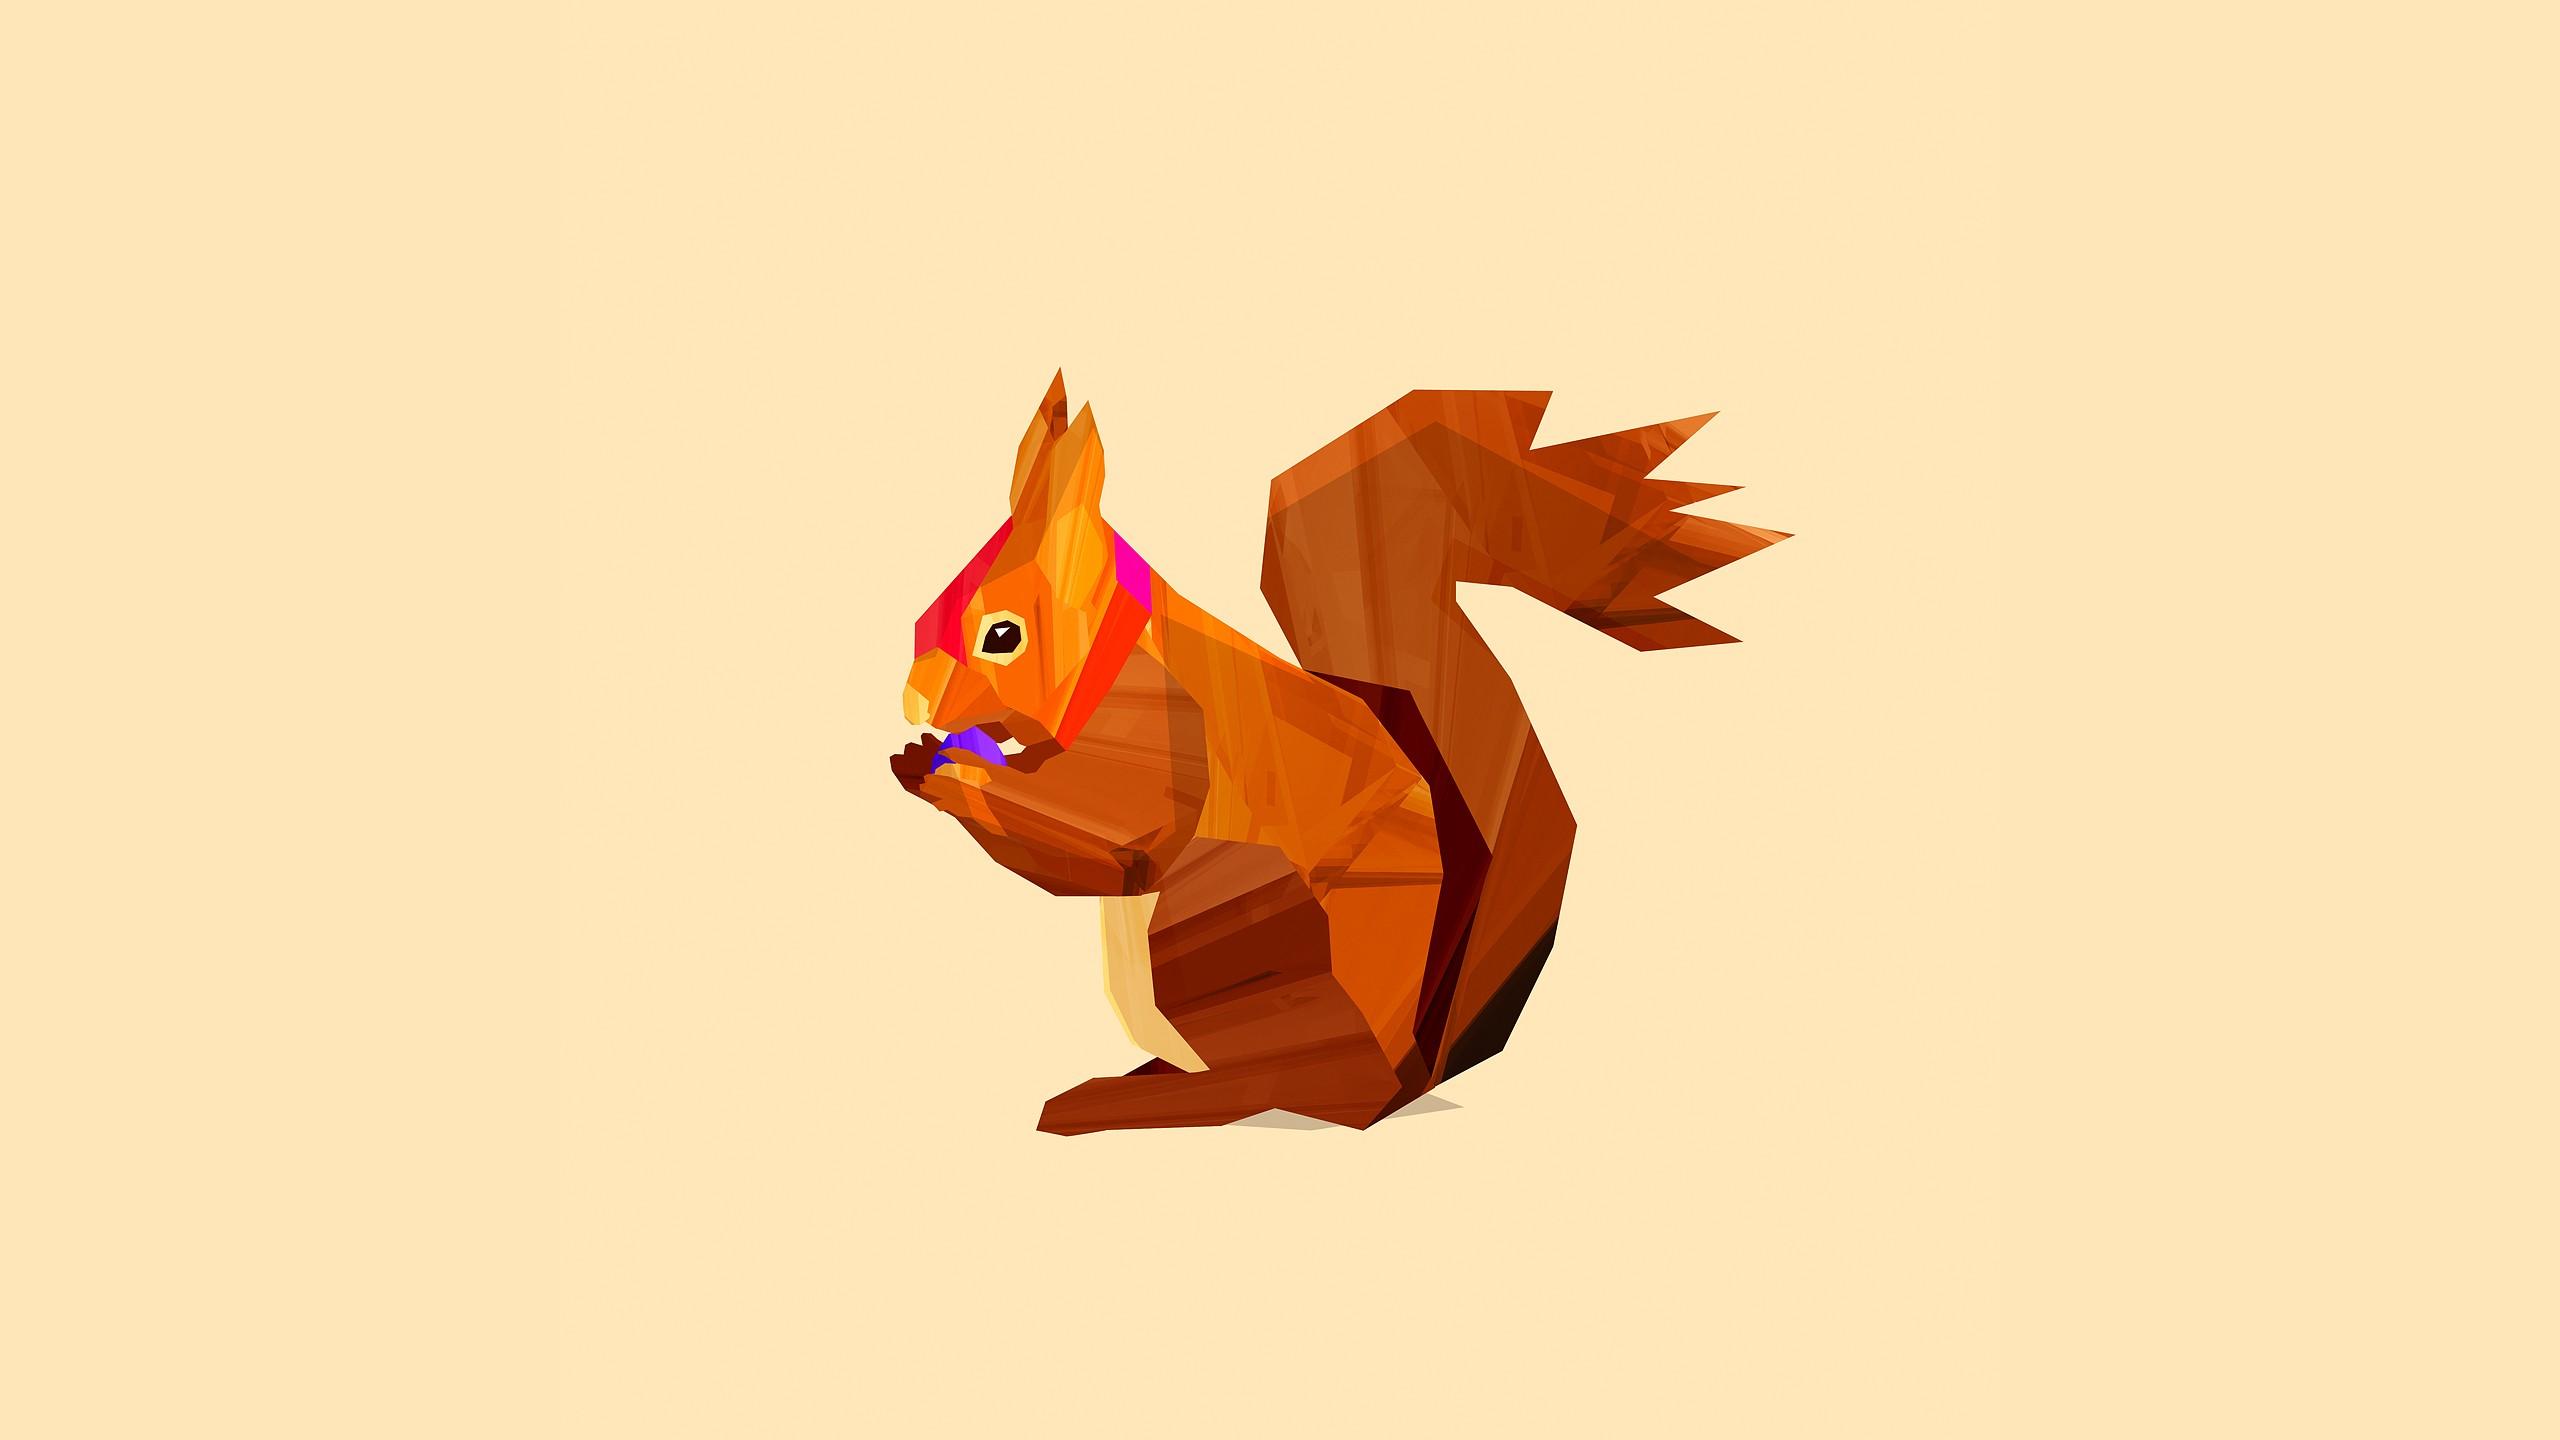 Sfondi : disegno illustrazione scoiattolo legna cartone animato